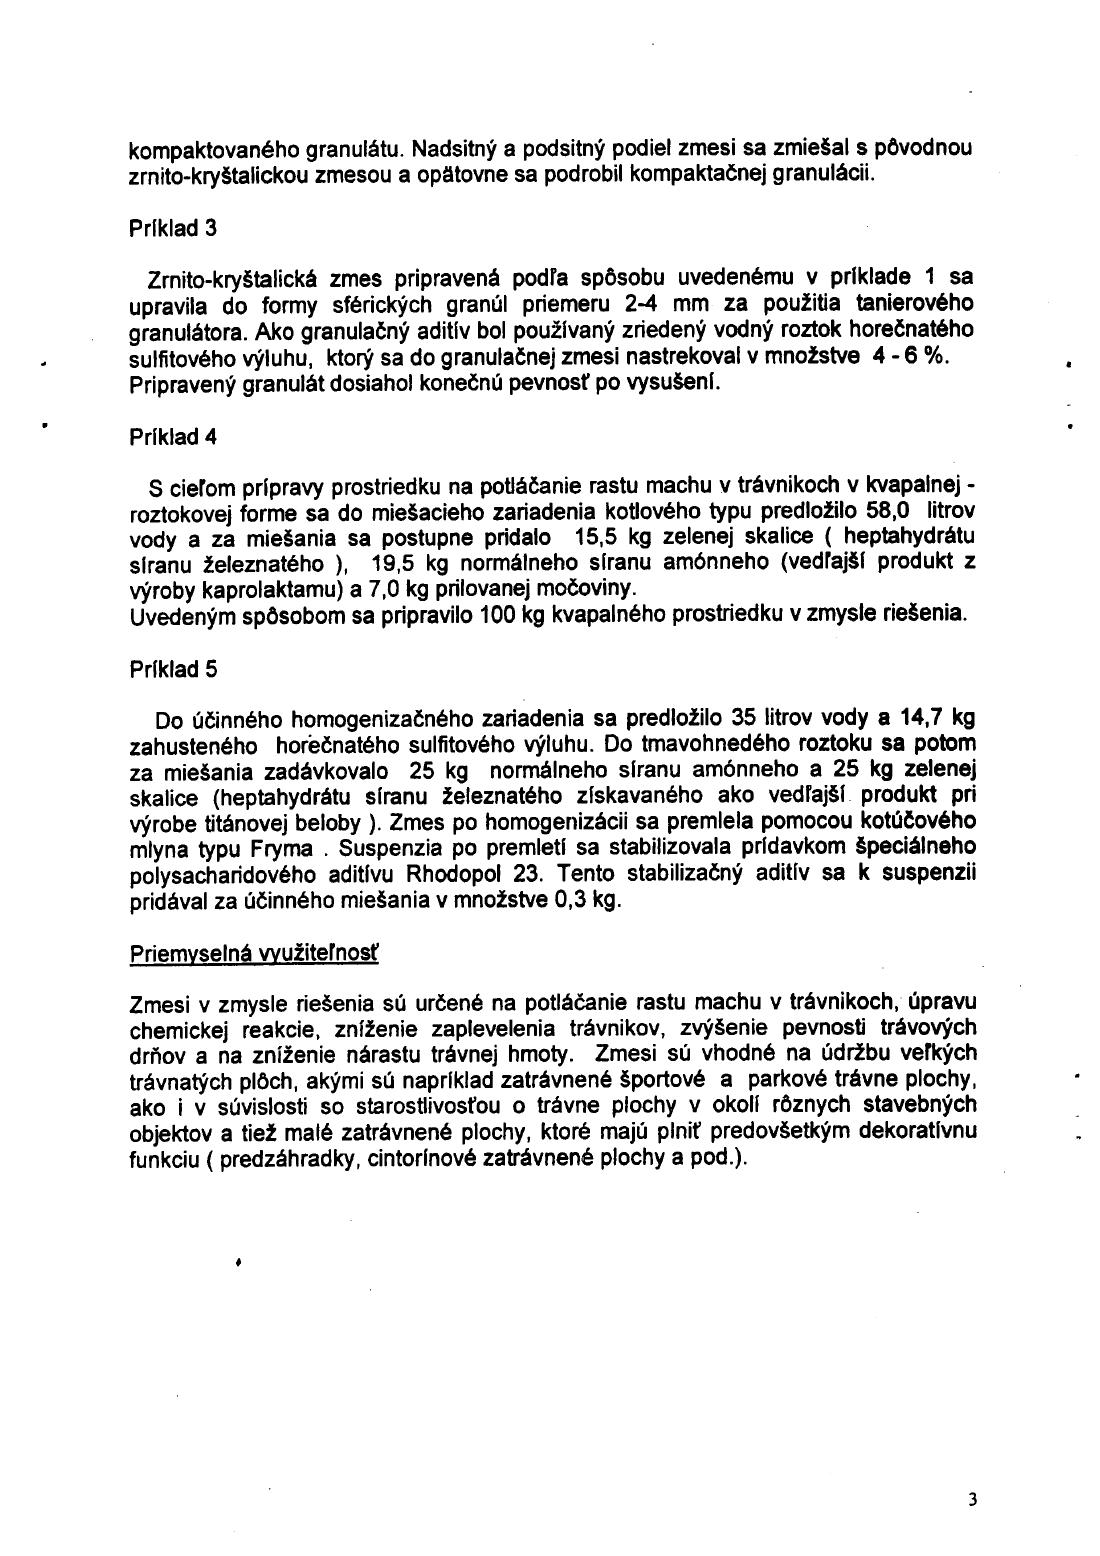 2fca74e3c Prostriedok na potláčanie rastu machu v trávnikoch — 18.01.2001 — U ...